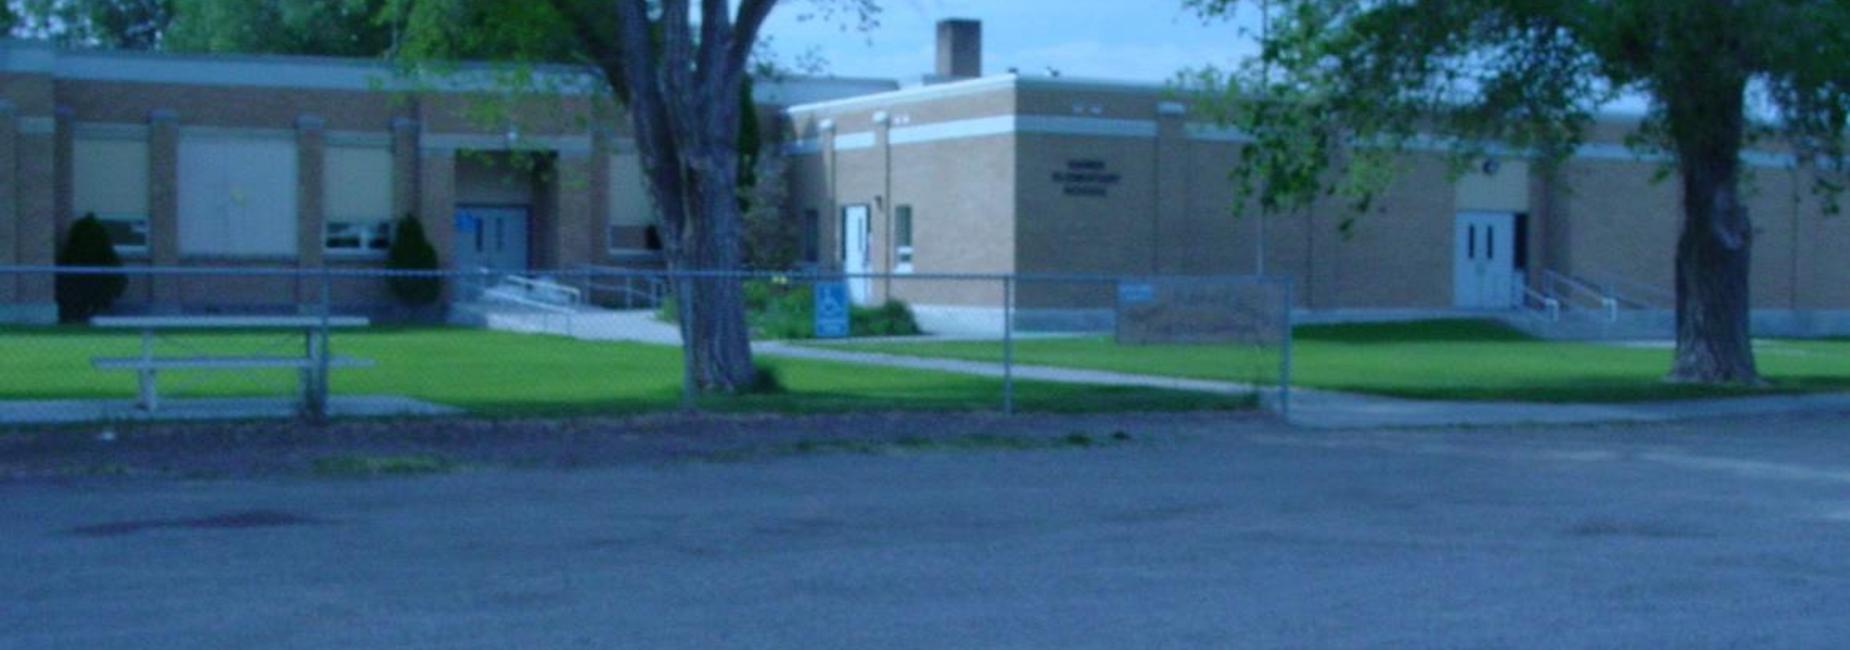 Hamer Elementary